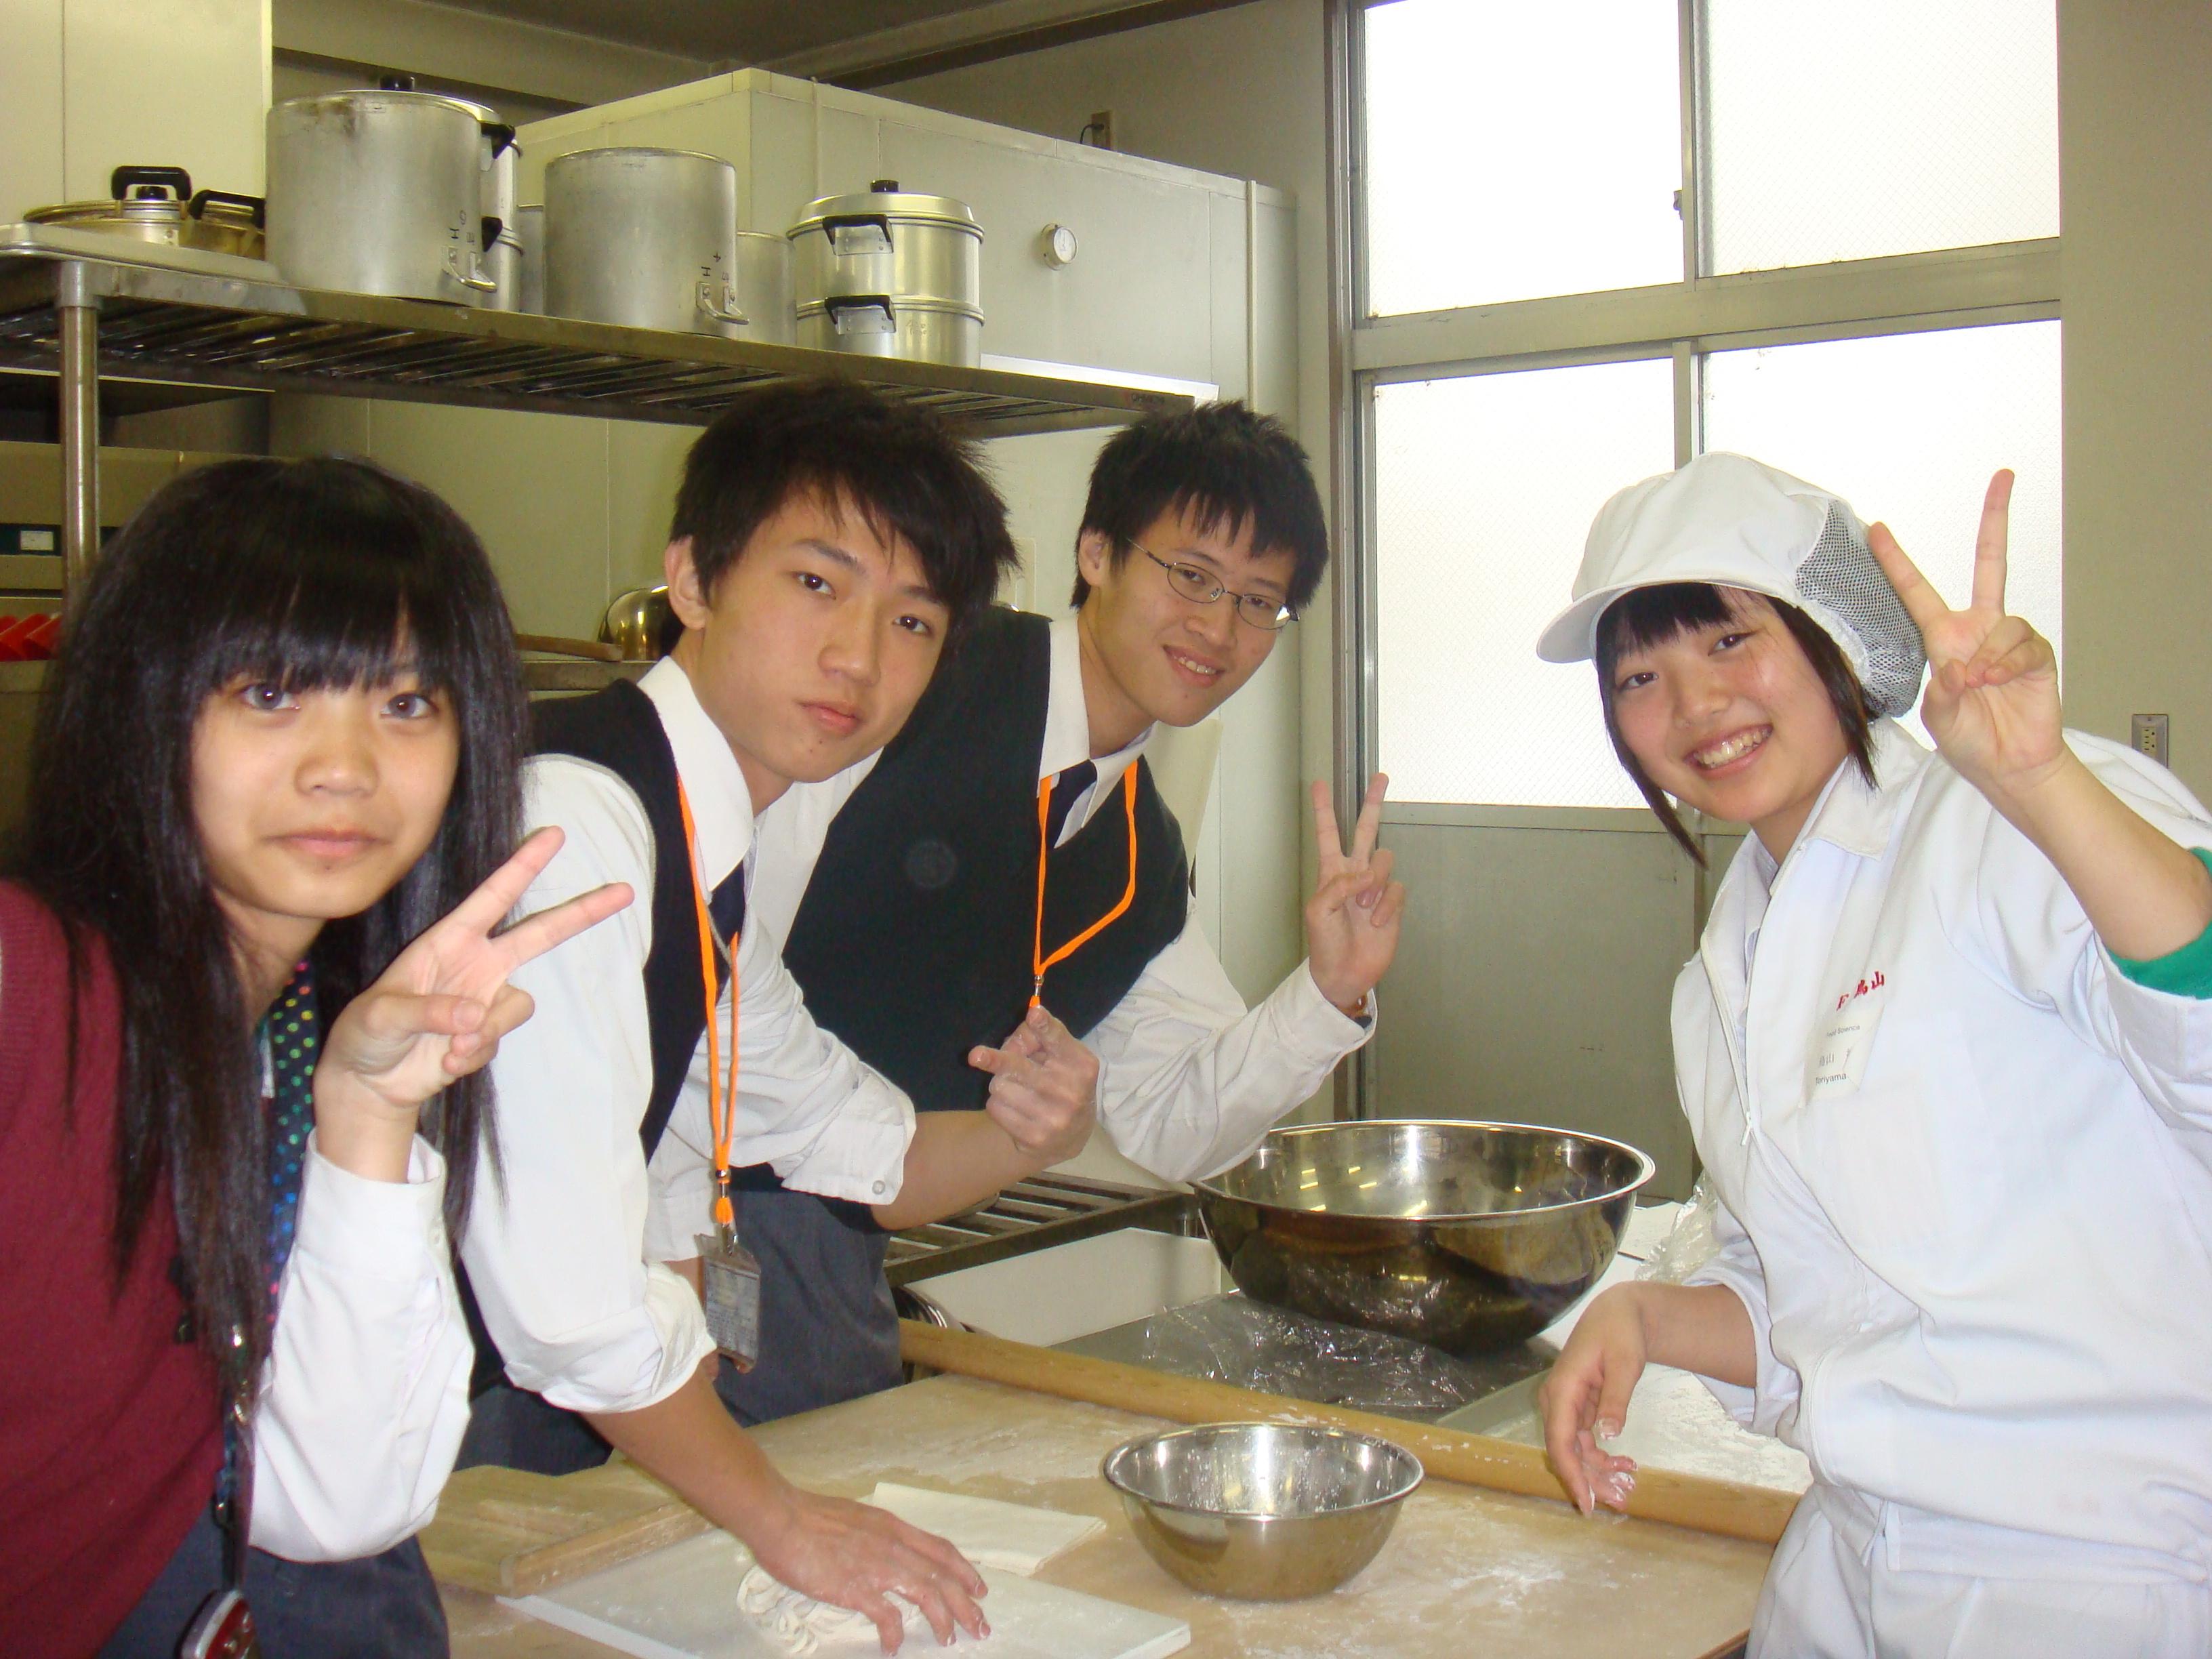 分組活動-手打烏龍麵製作